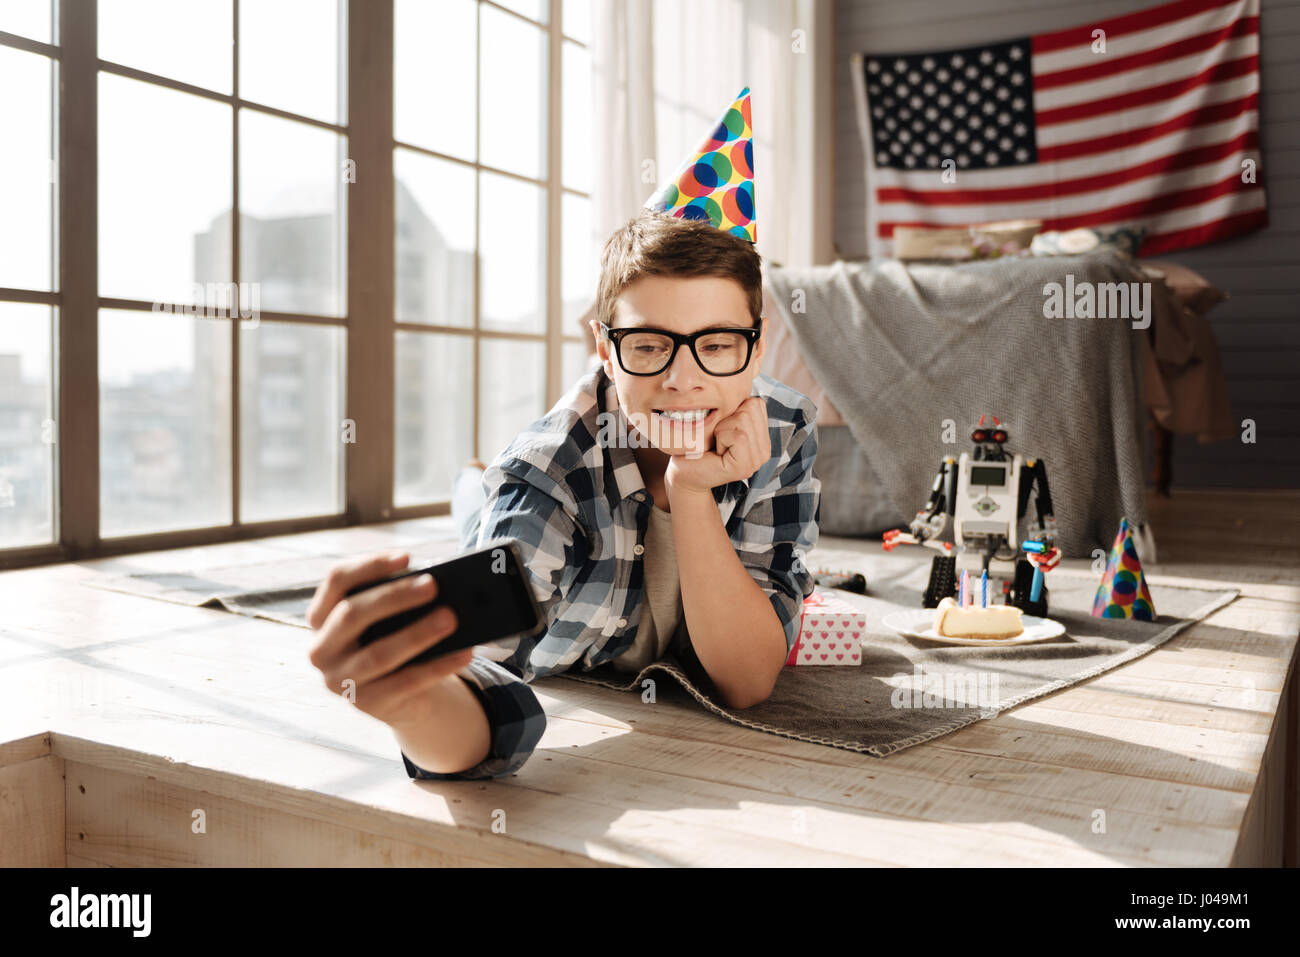 Attraktive junge männliche Person, die Geburtstag-Partei Stockbild